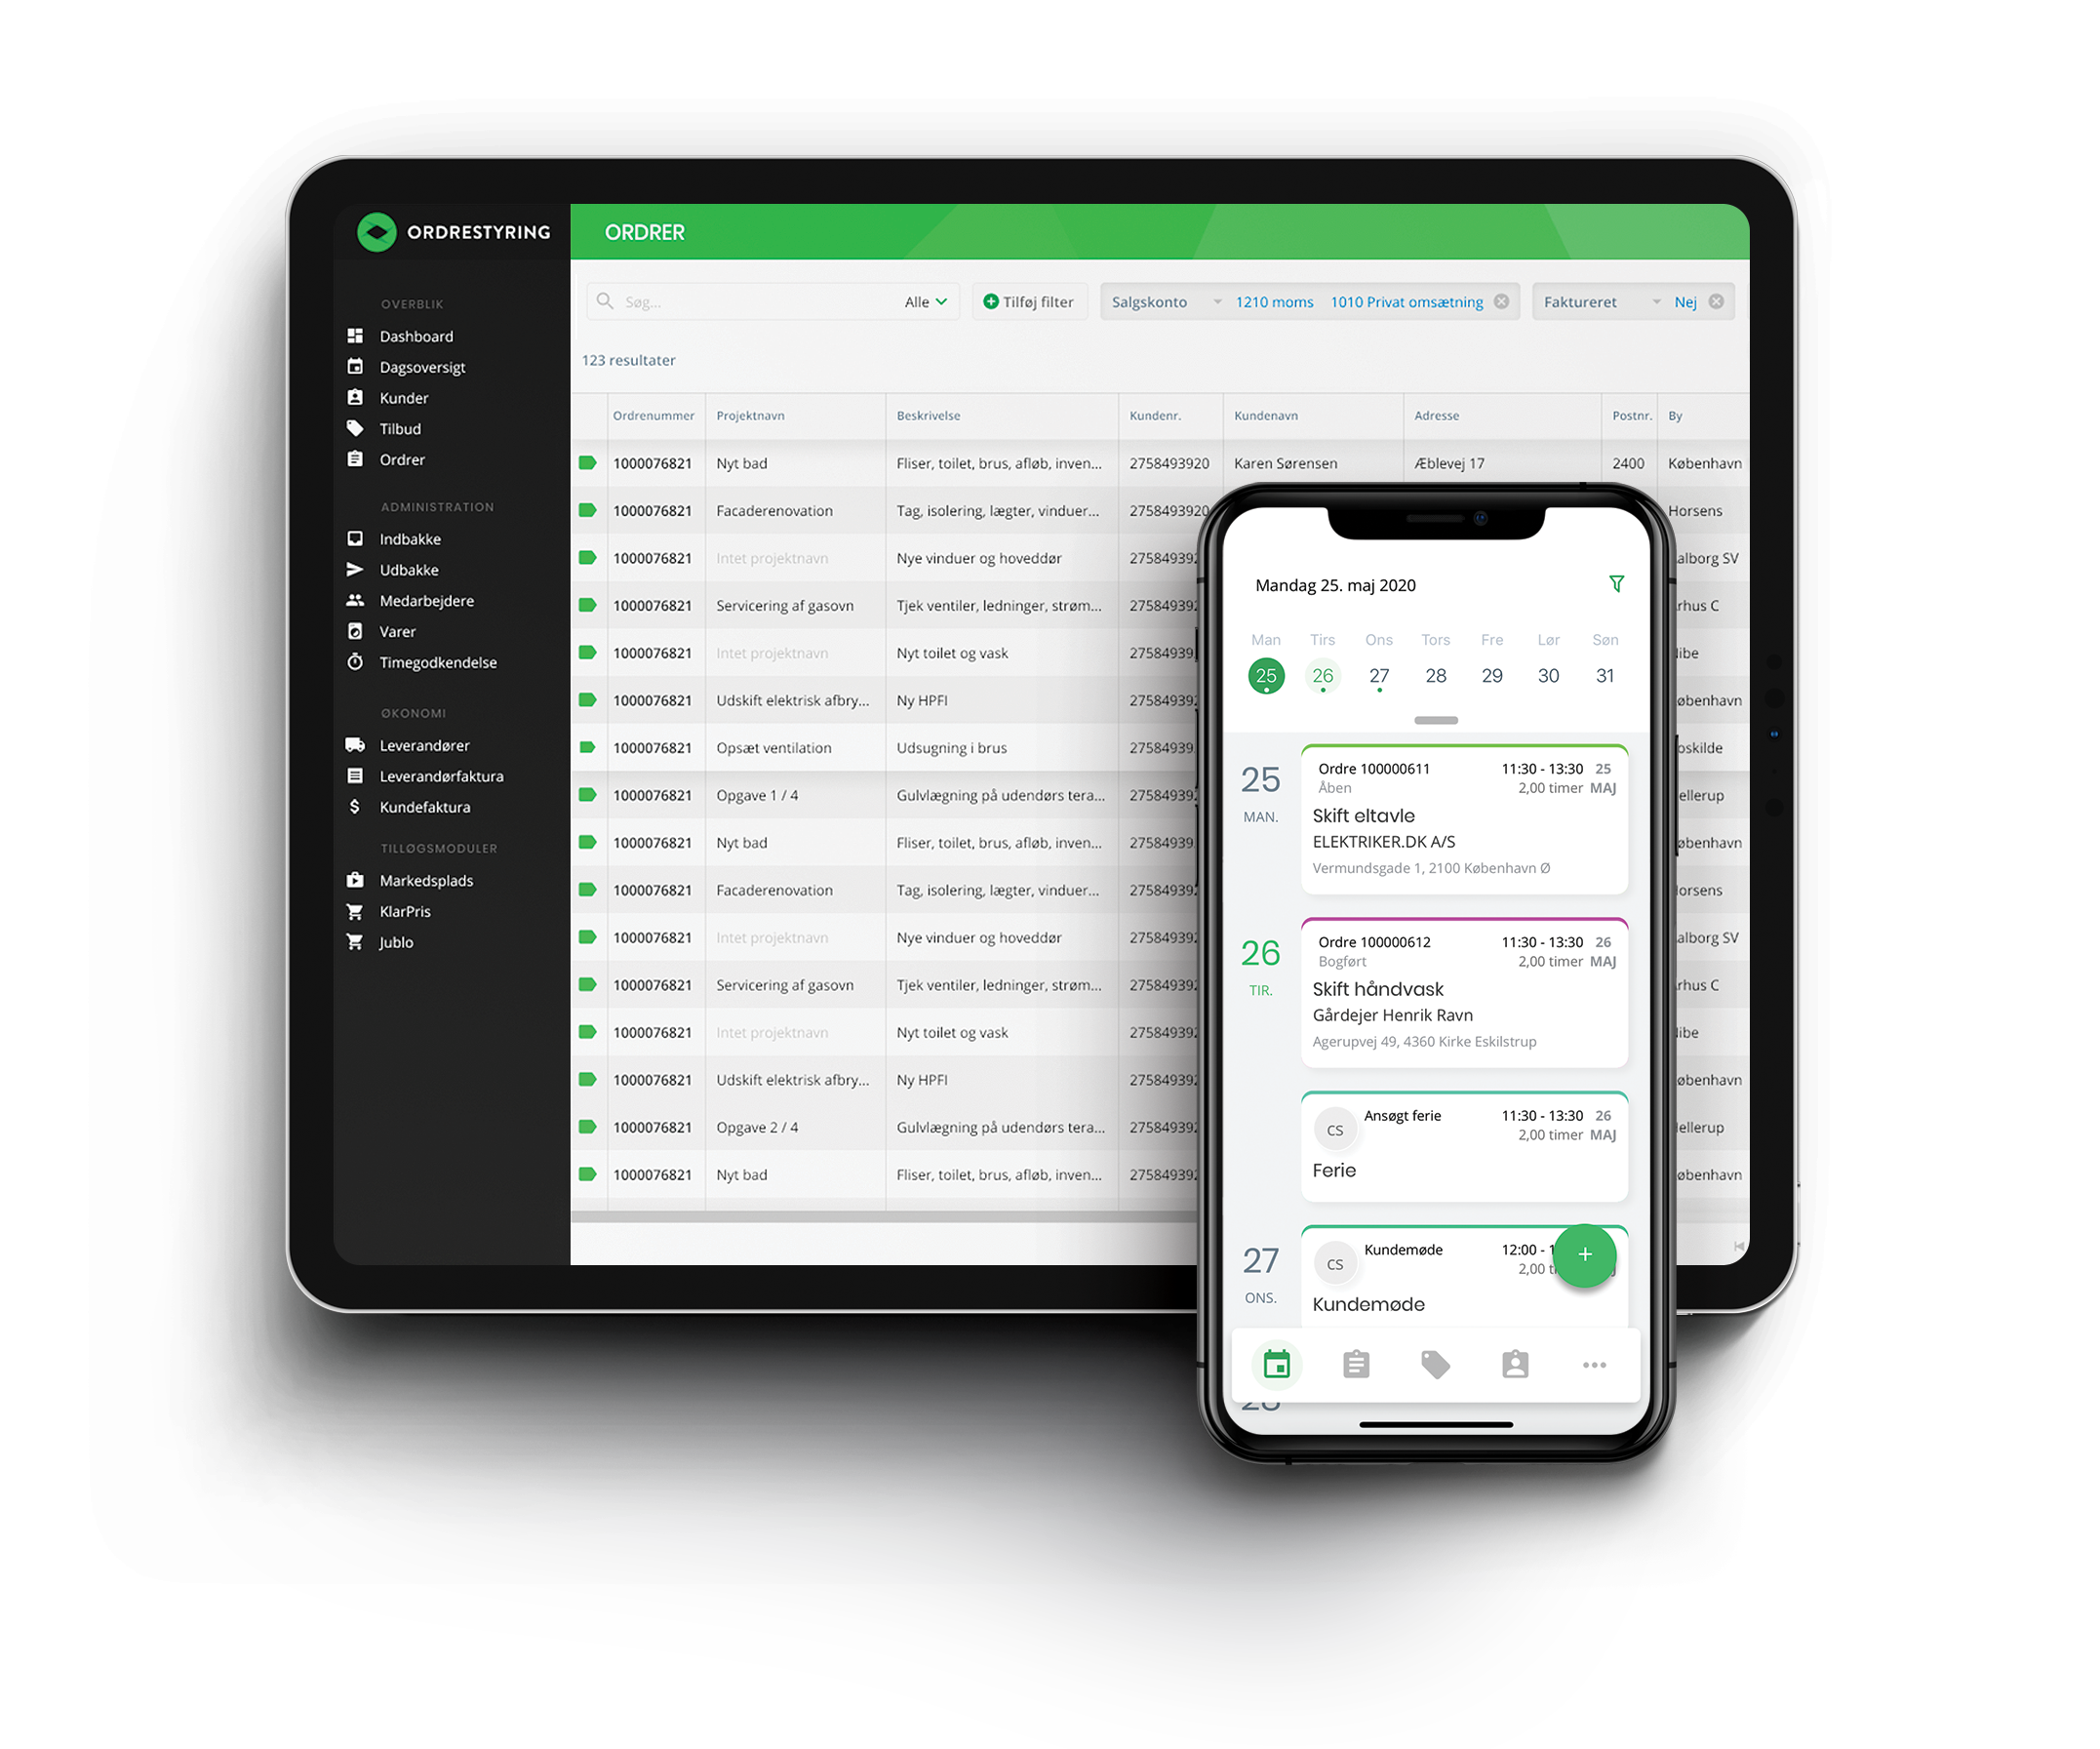 screenshot af ordrestyring systemet og appen i tablet og mobile